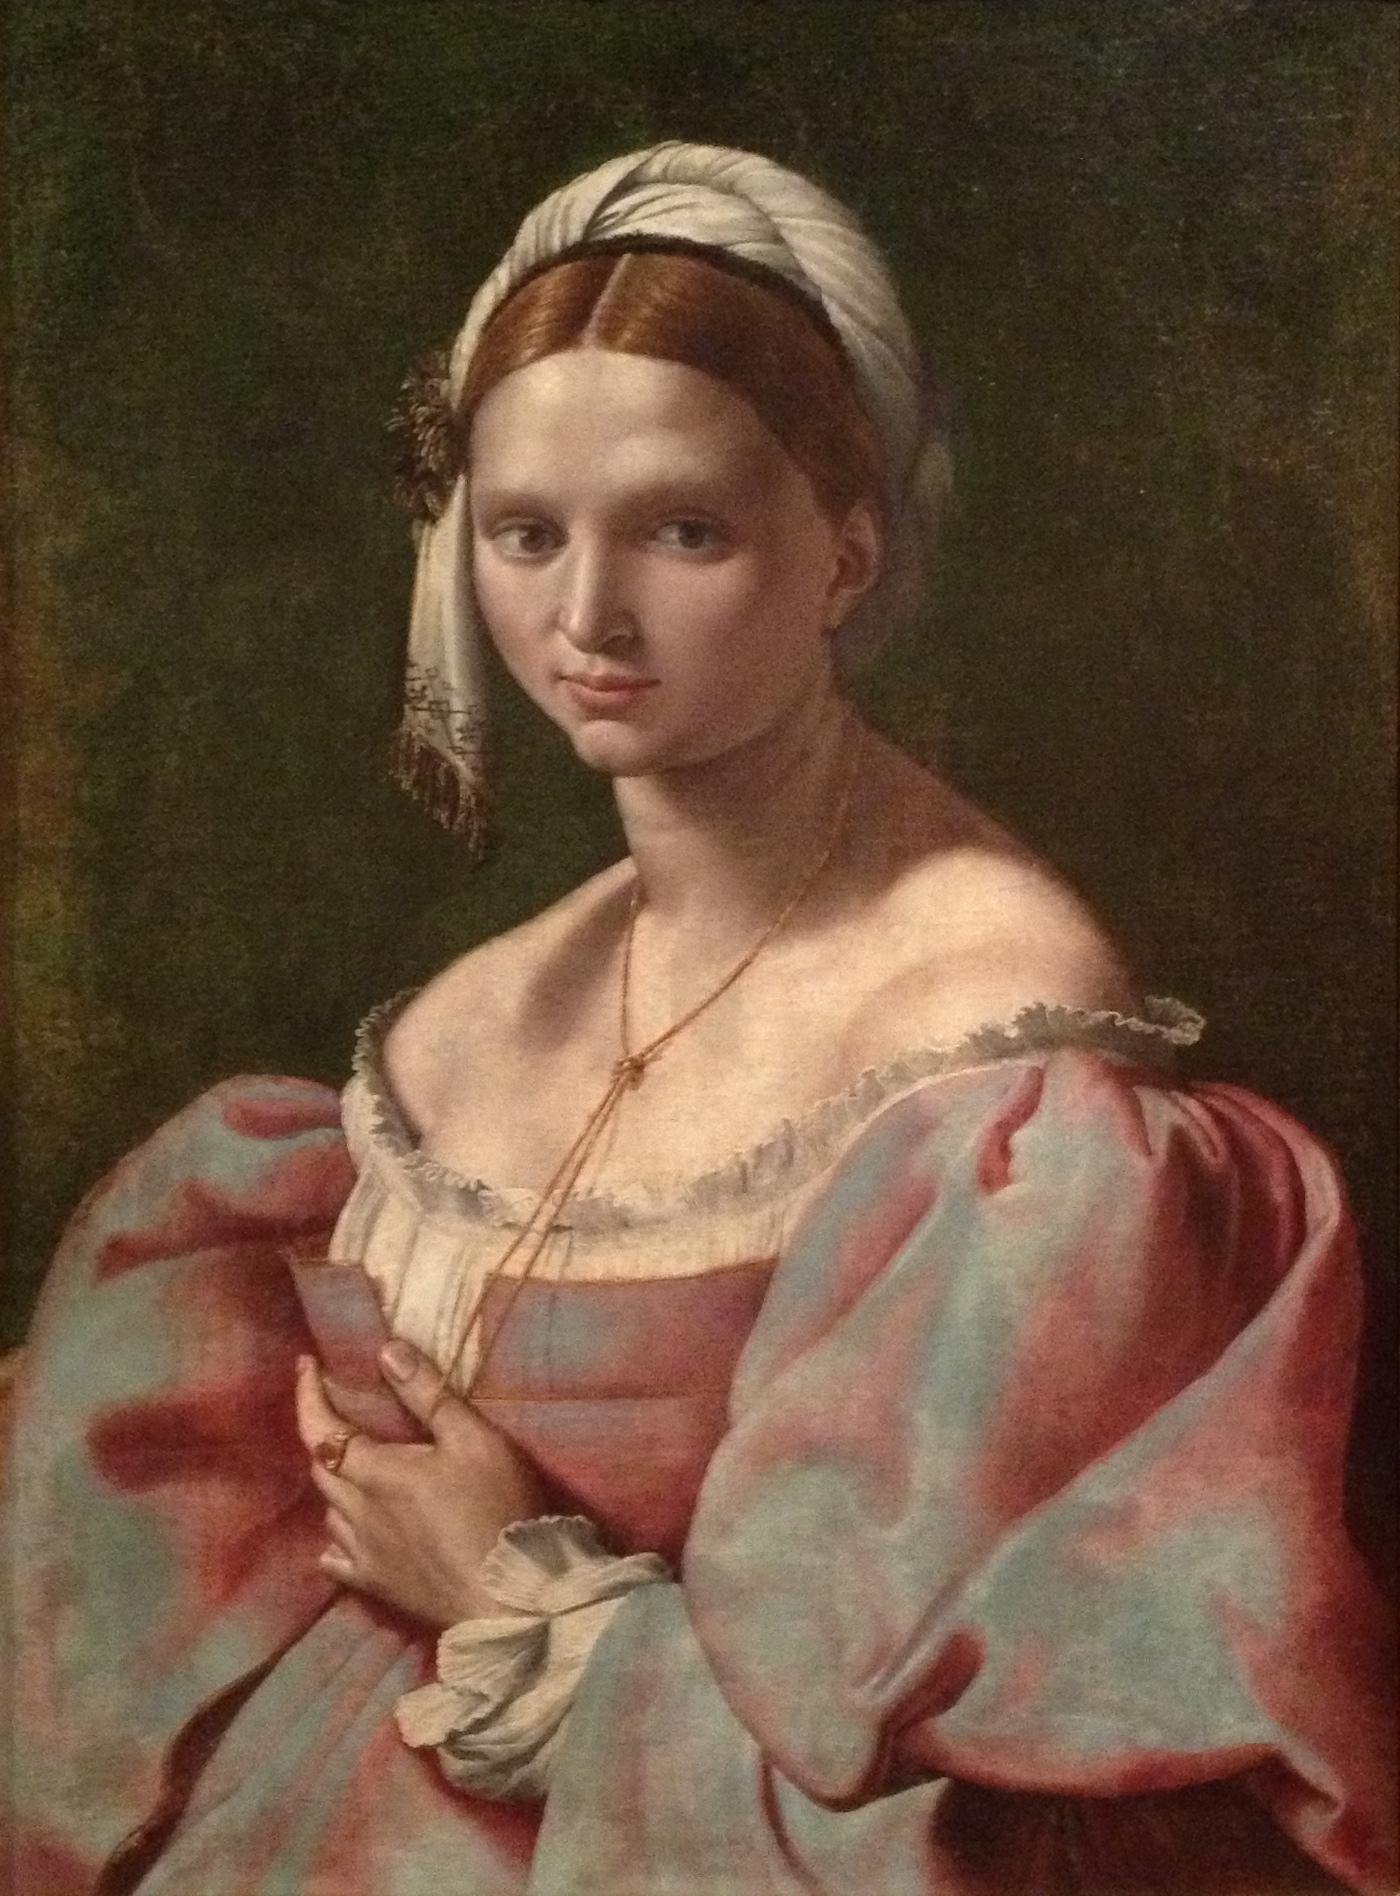 Ritratto_femminile_di_Giuliano_Bugiardini_con_giovane_donna_dal_caro_laccio,_dolce_nodo